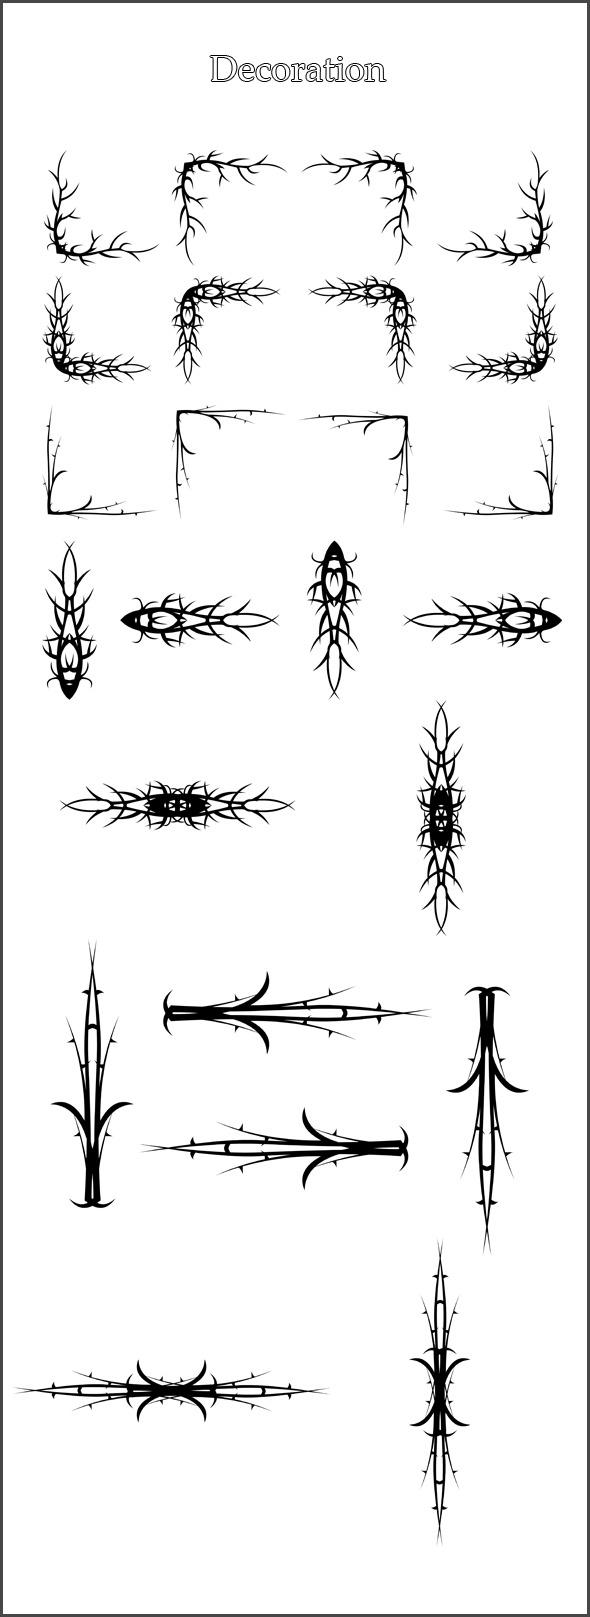 24 Brushes Decoration - Flourishes Brushes